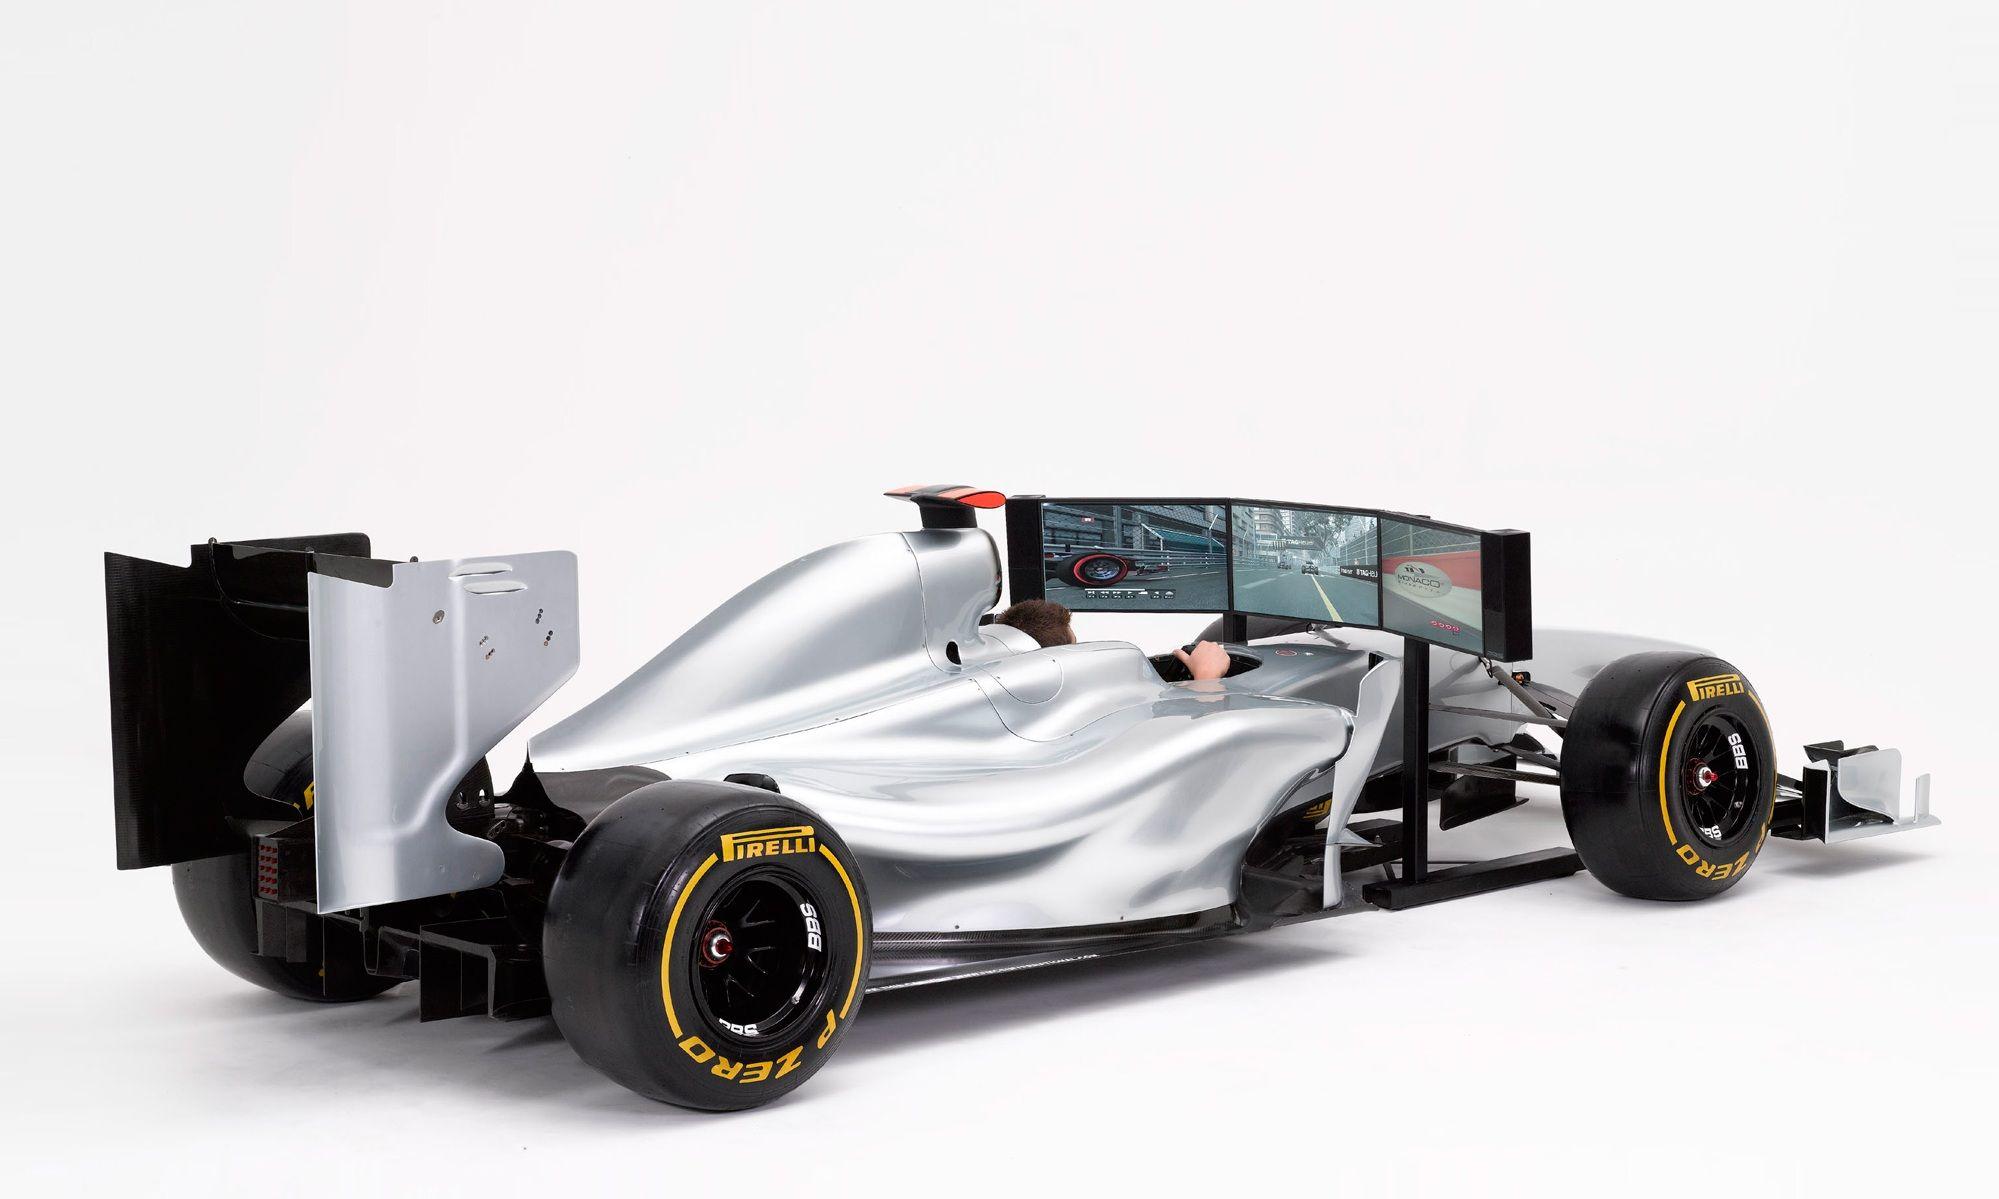 Full Size Formula 1 Racing Simulator for Video Games